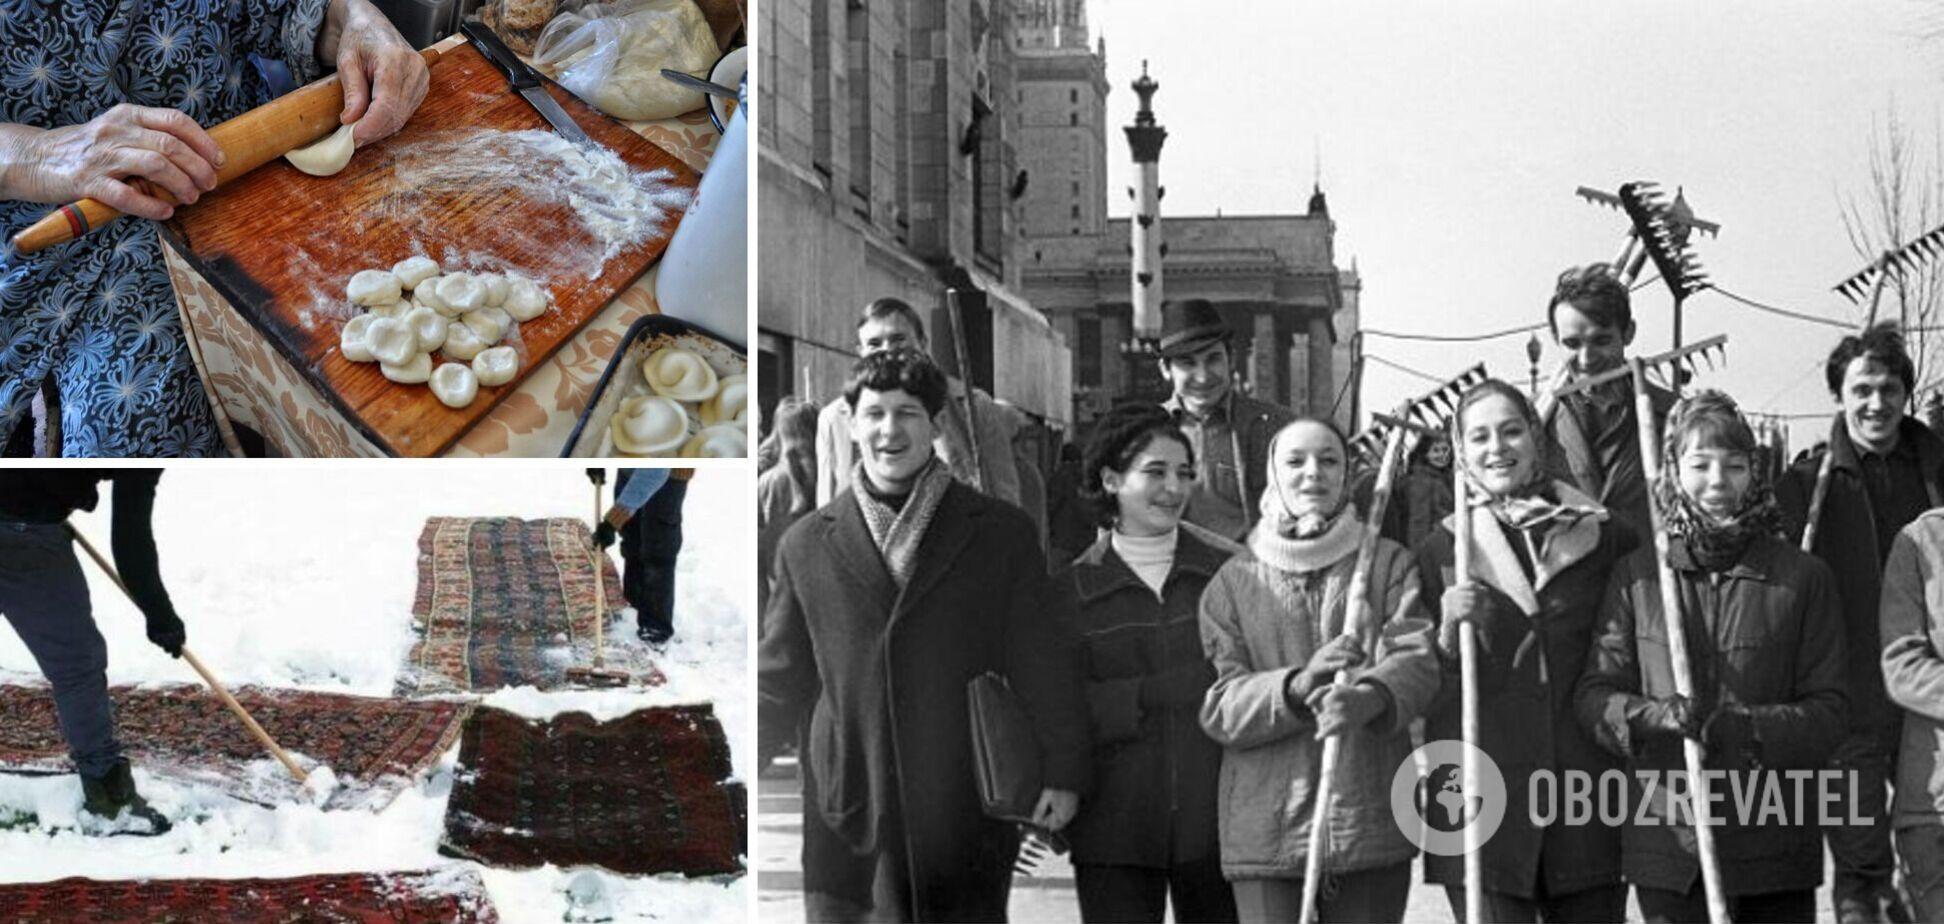 Многие традиции не менее актуальны в современном обществе.